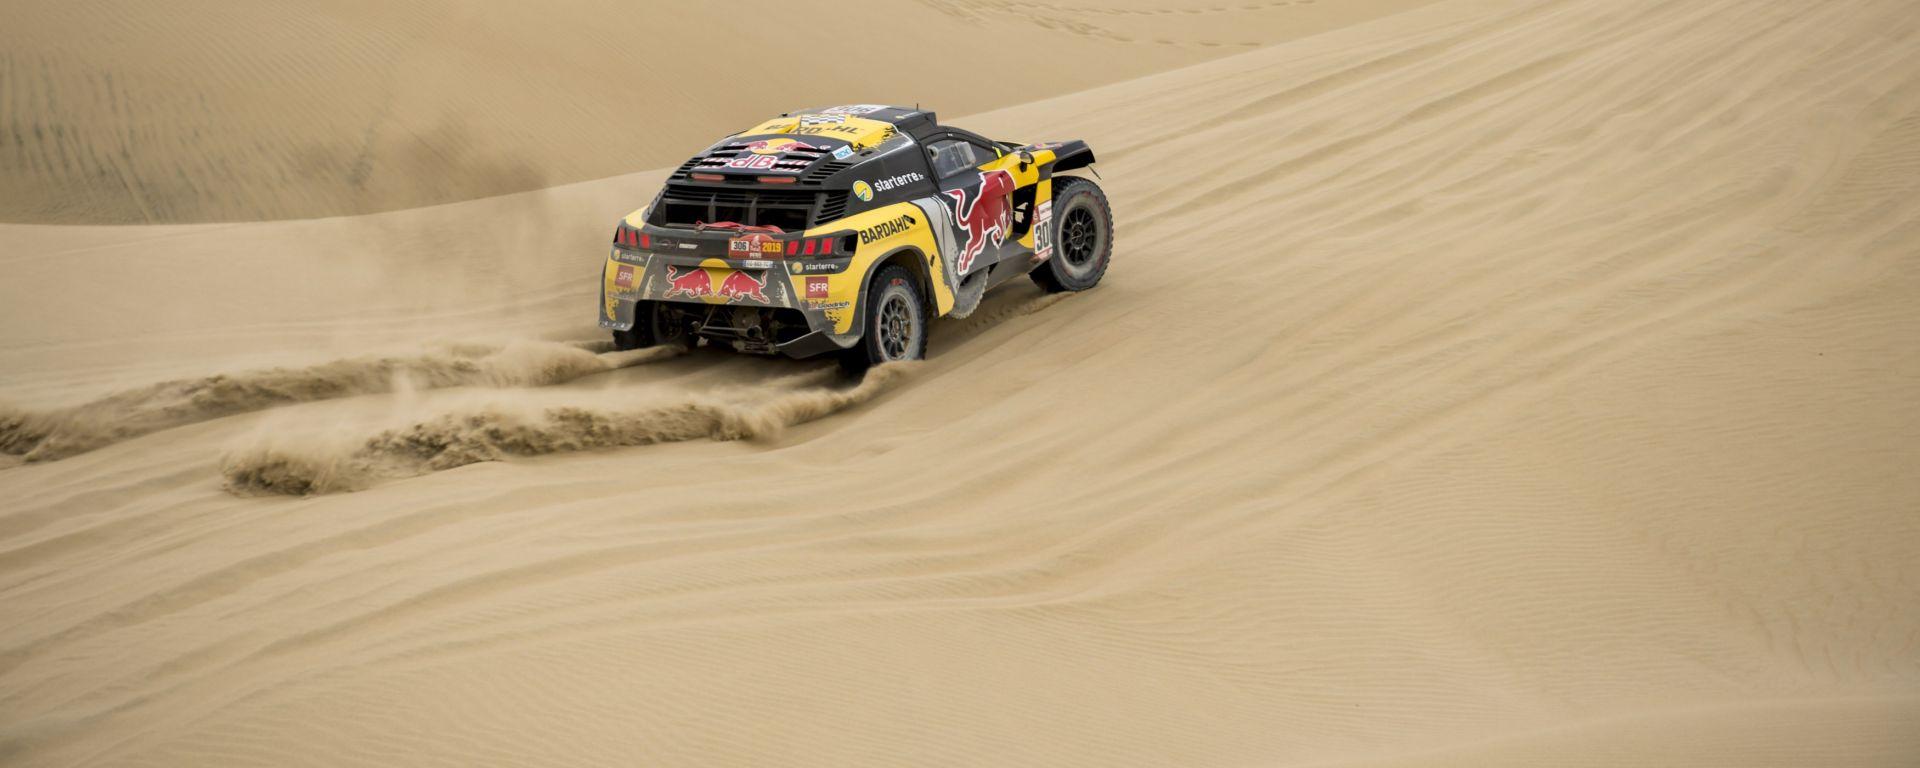 Loeb e Peugeot: la 2° Tappa della Dakar è vostra!